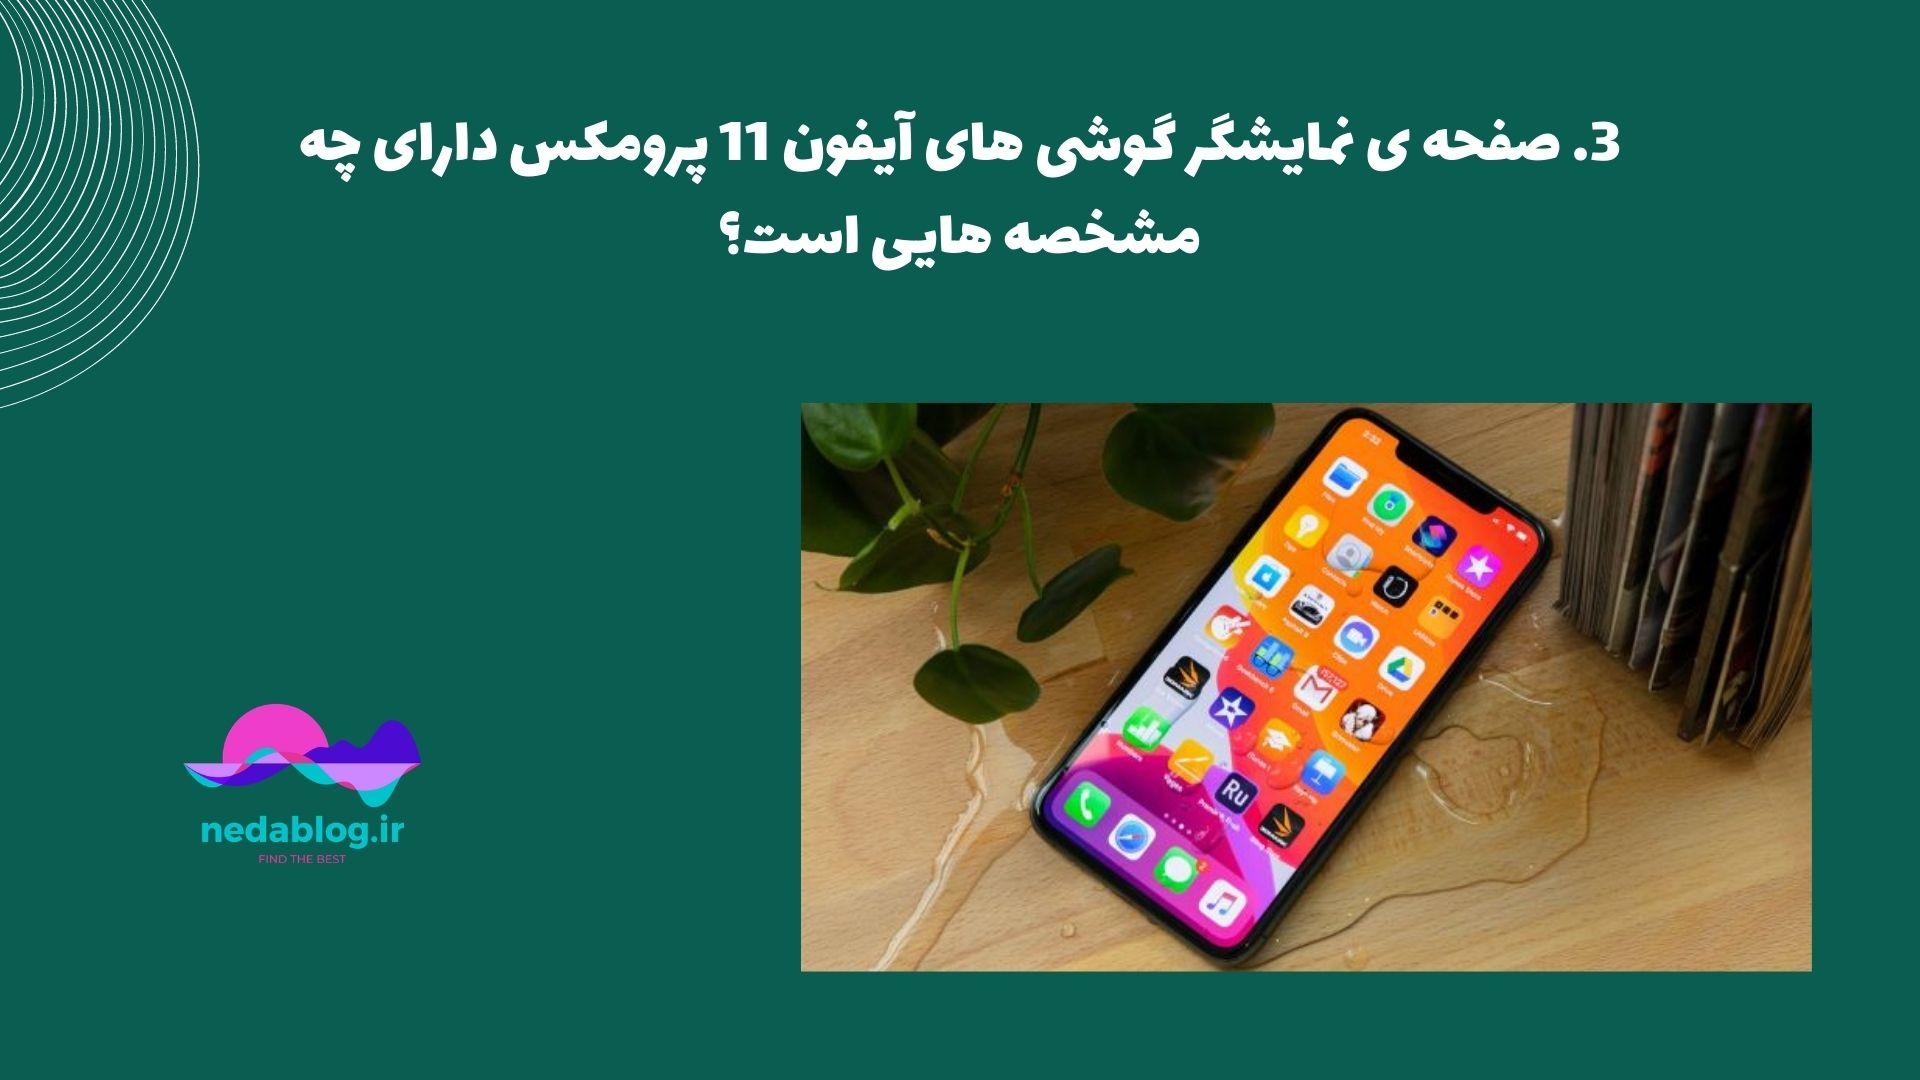 صفحه ی نمایشگر گوشی های آیفون 11 پرومکس دارای چه مشخصه هایی است؟